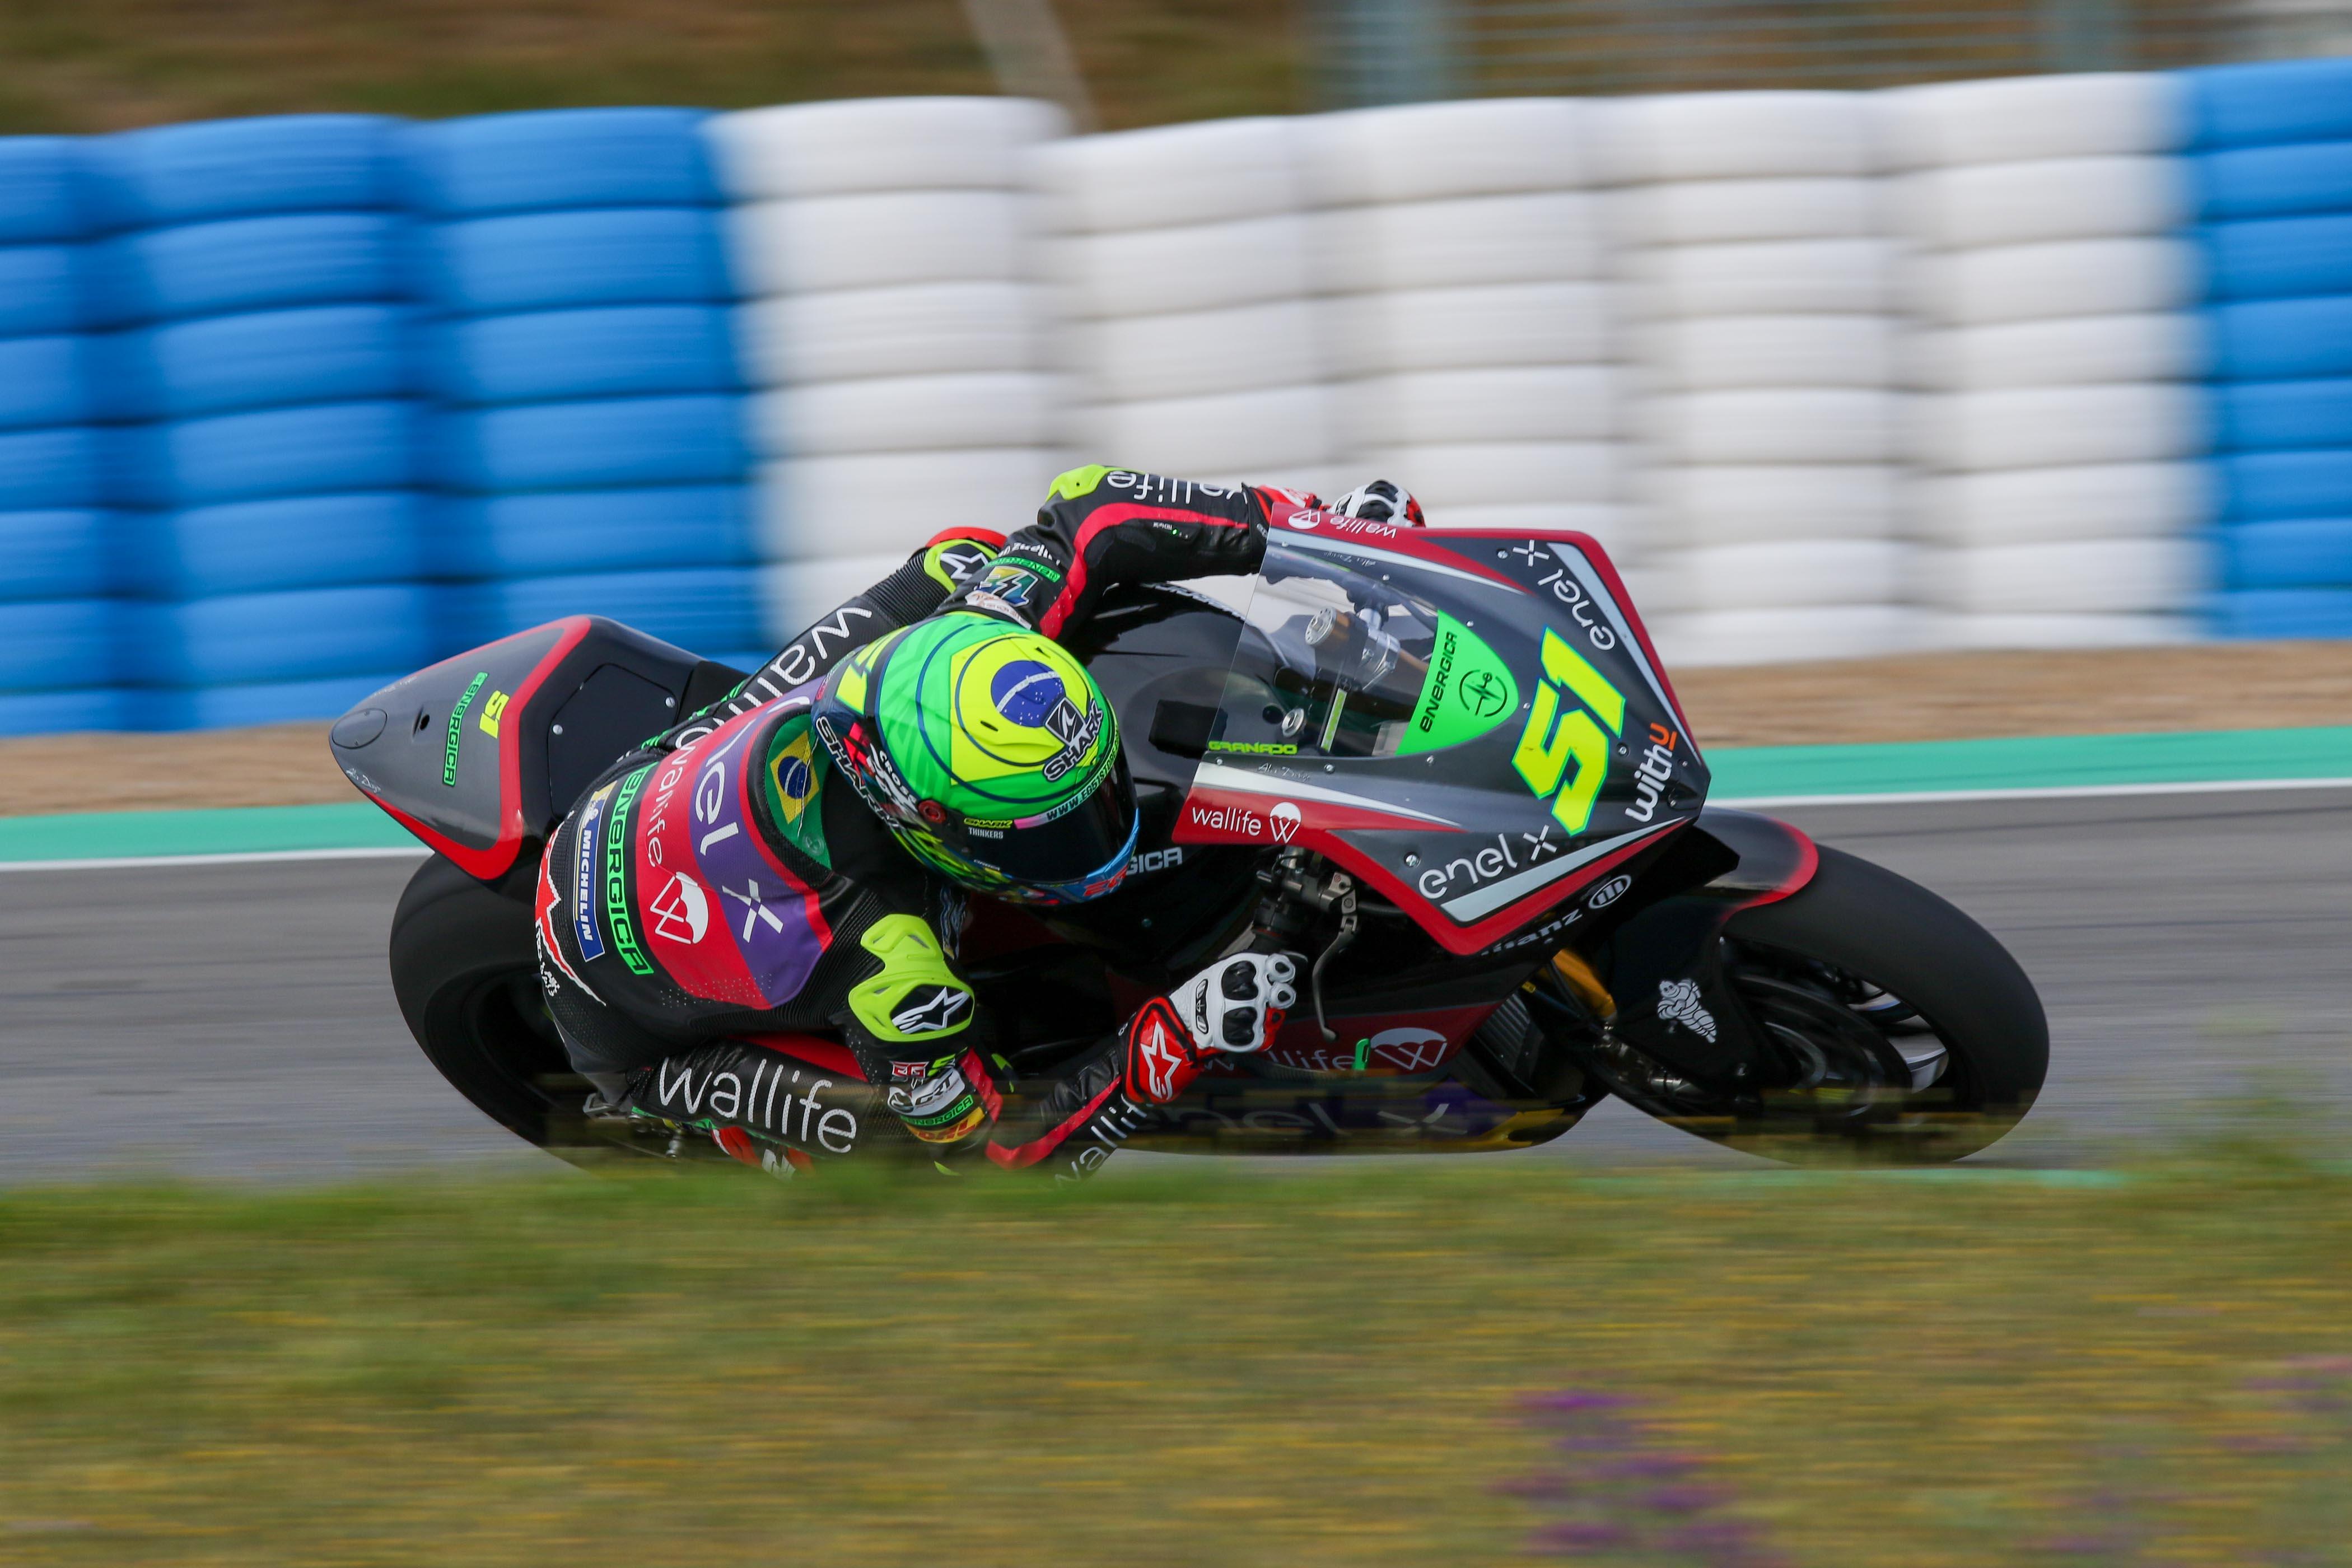 Eric Granado se marcha de Jerez hasta el Gran Premio con el mejor tiempo del día y de los test